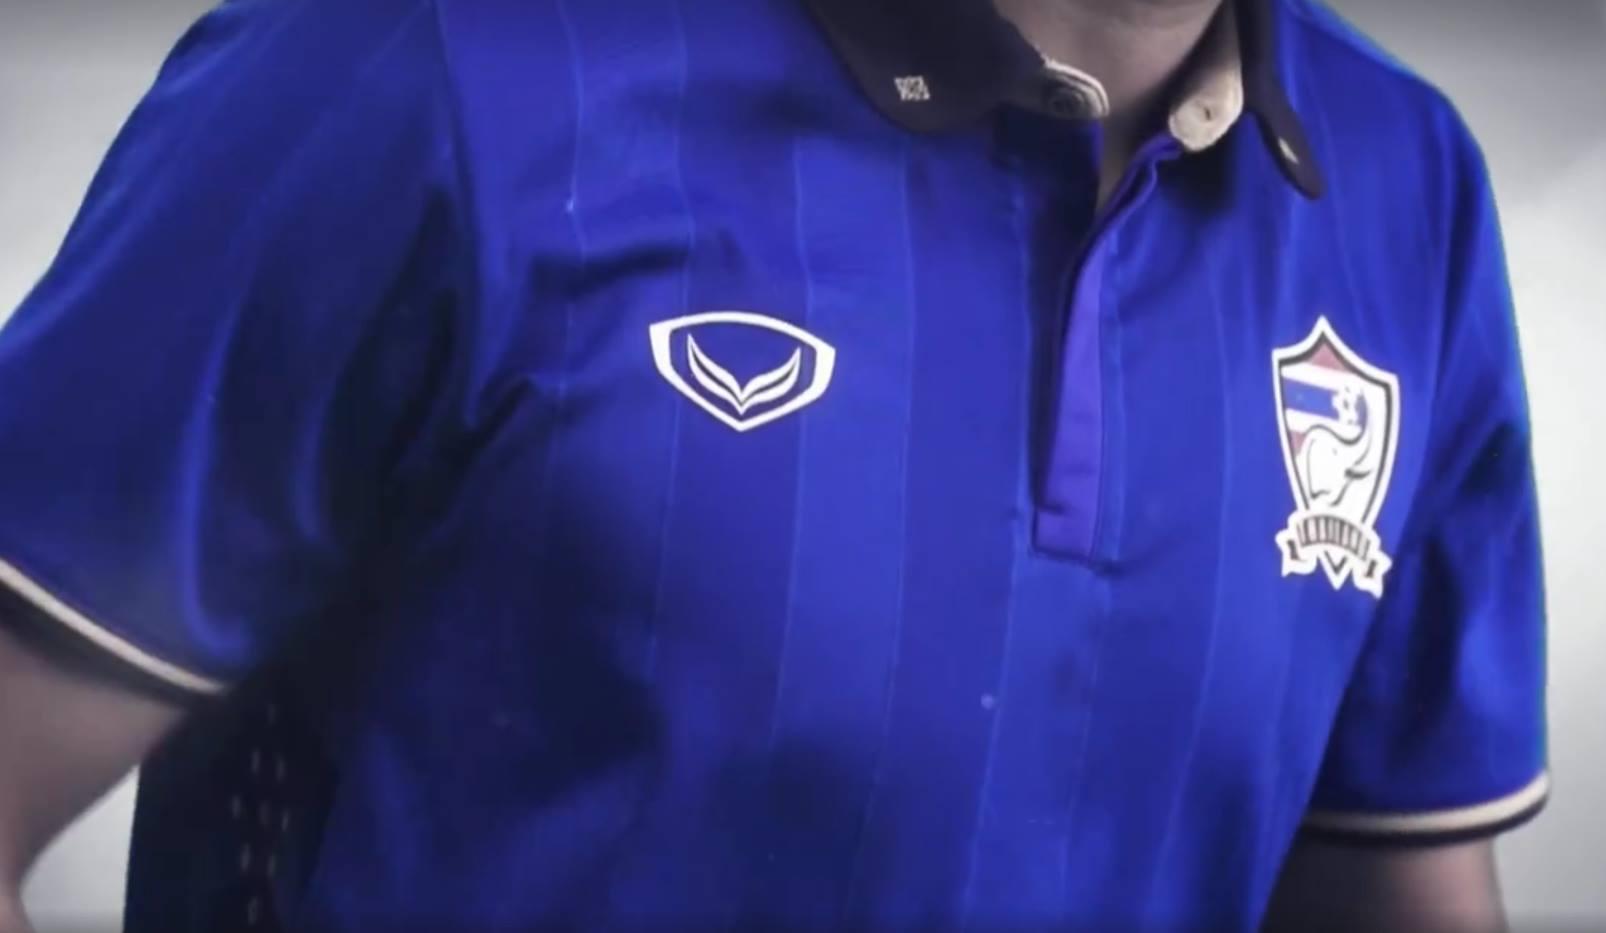 Thailand Luncurkan Jersey Terbaru Kaos Indonesia Timnas Satu Satunya Perubahan Yang Paling Kentara Adalah Peralihan Warna Pada Bagian Kerah Kali Ini Dihiasi Hitam Menggantikan Putih Sebelumnya